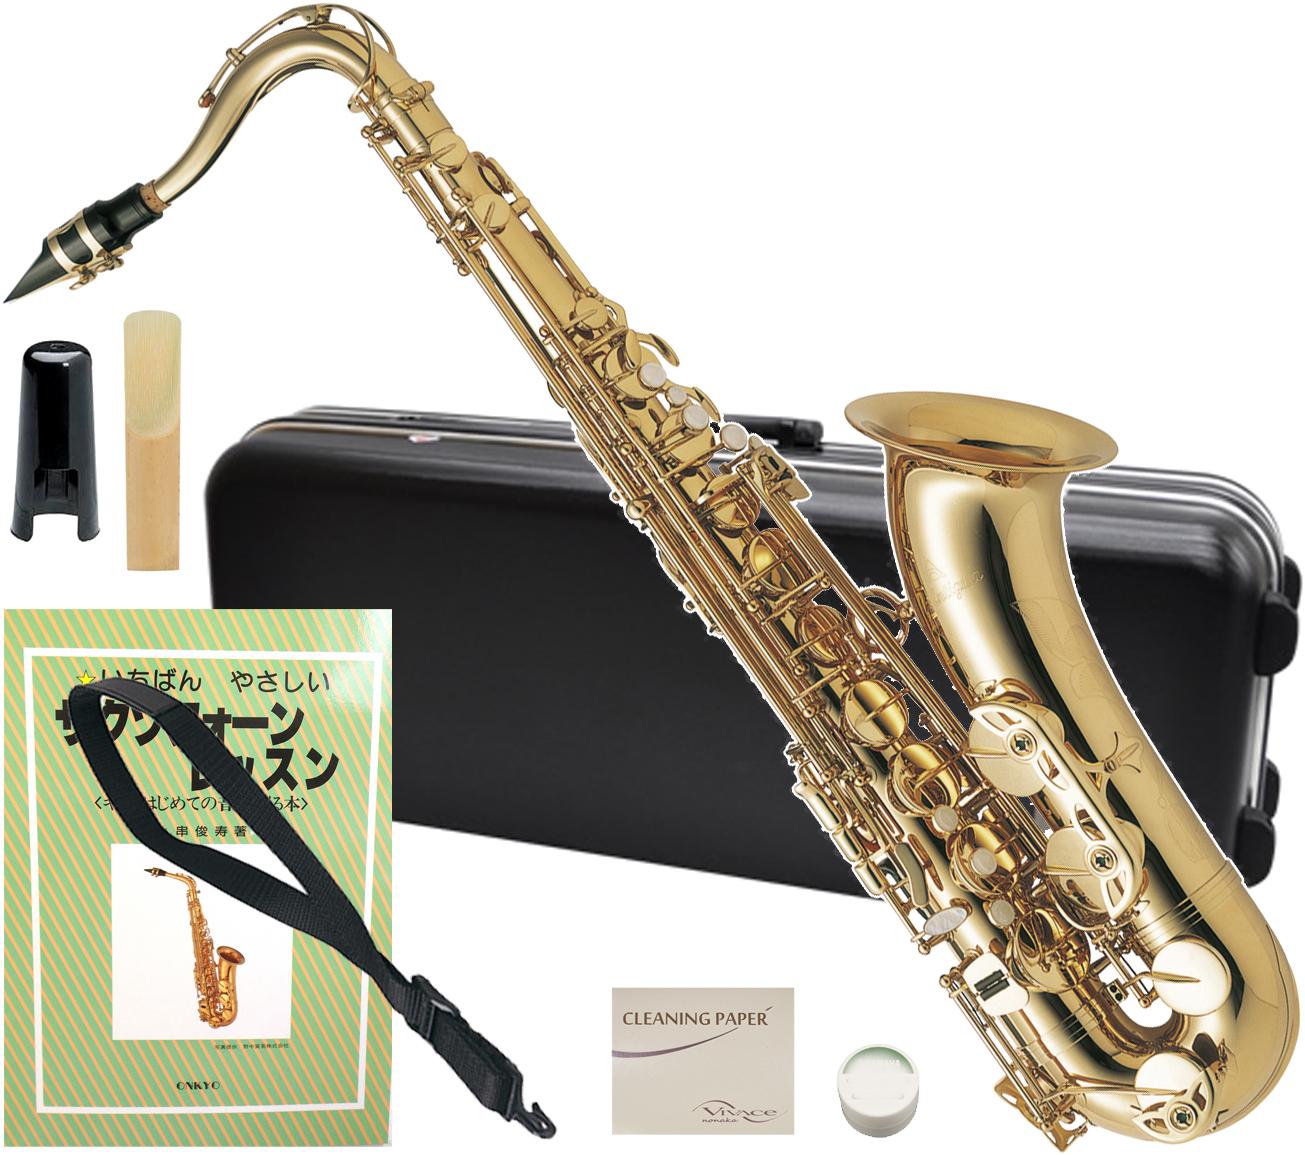 Antigua 送料無料 ( T.SAX アンティグア ) テナーサックス スタンダードシリーズ GL ゴールド 管体 ゴールド T.SAX 初心者 管楽器 サックス 本体 マウスピース テナーサクソフォン 送料無料, トヨサカチョウ:7686fe20 --- officewill.xsrv.jp